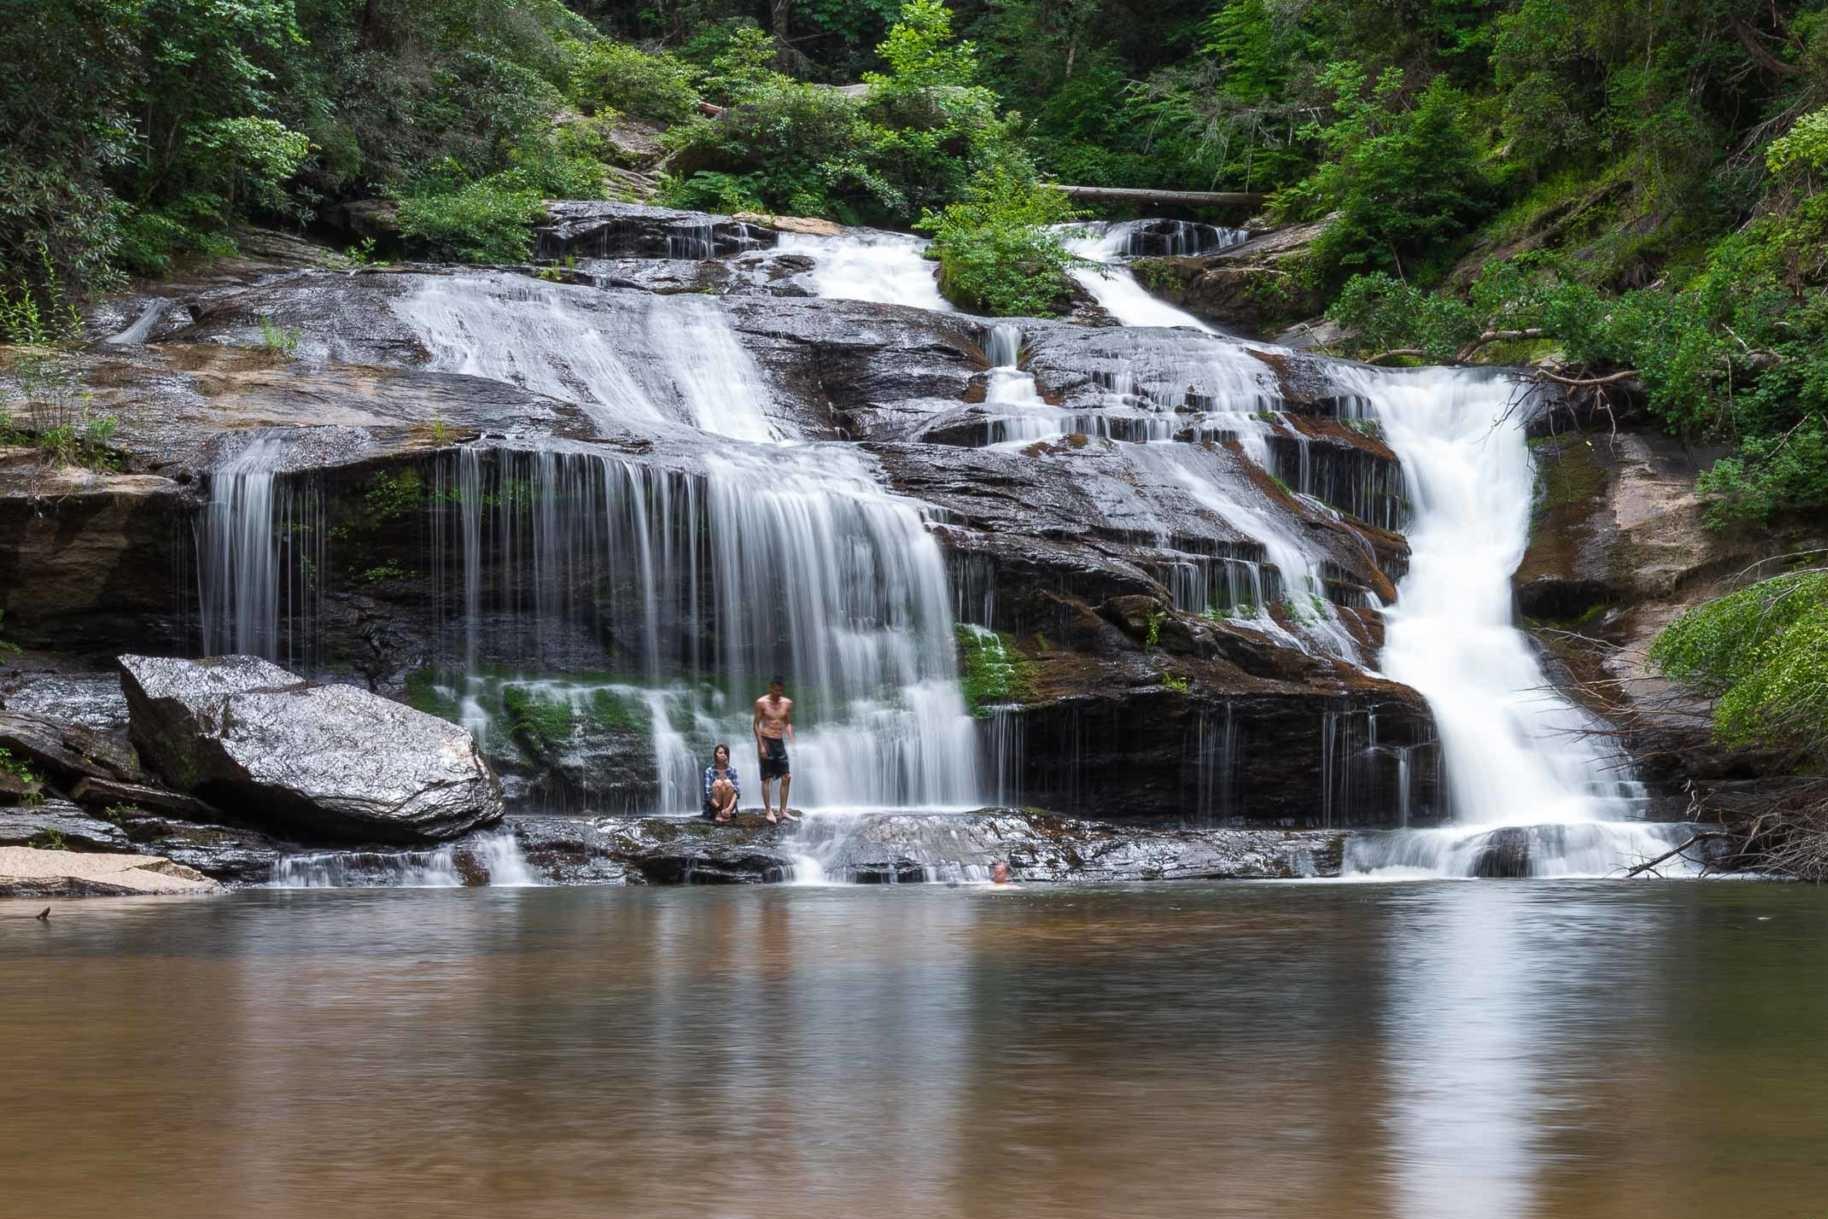 Altanta+Georgia+-+Panther+Creek+Falls.jpg